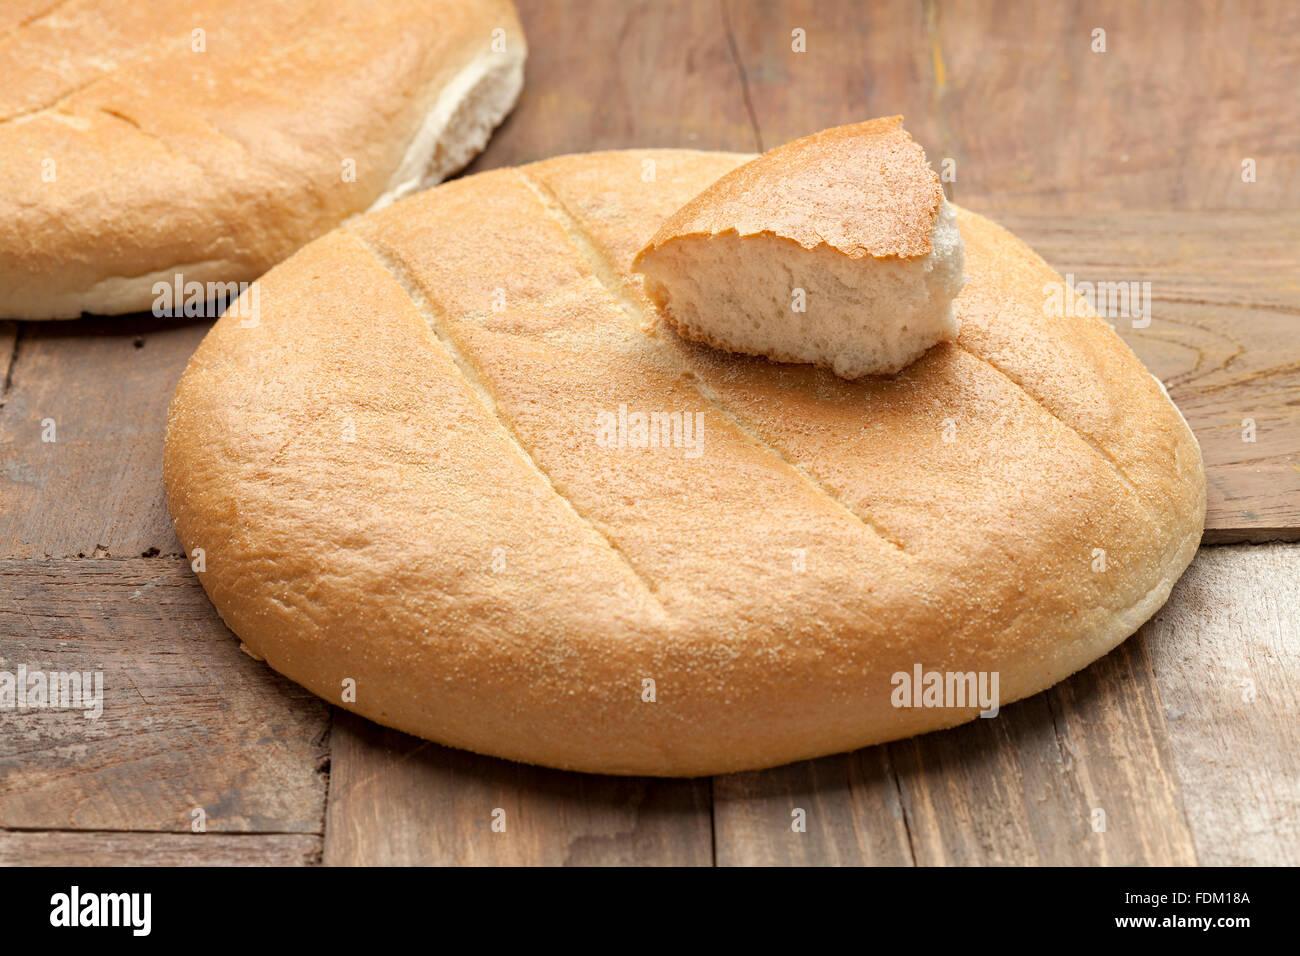 Fresca pane marocchino sul tavolo Foto Stock